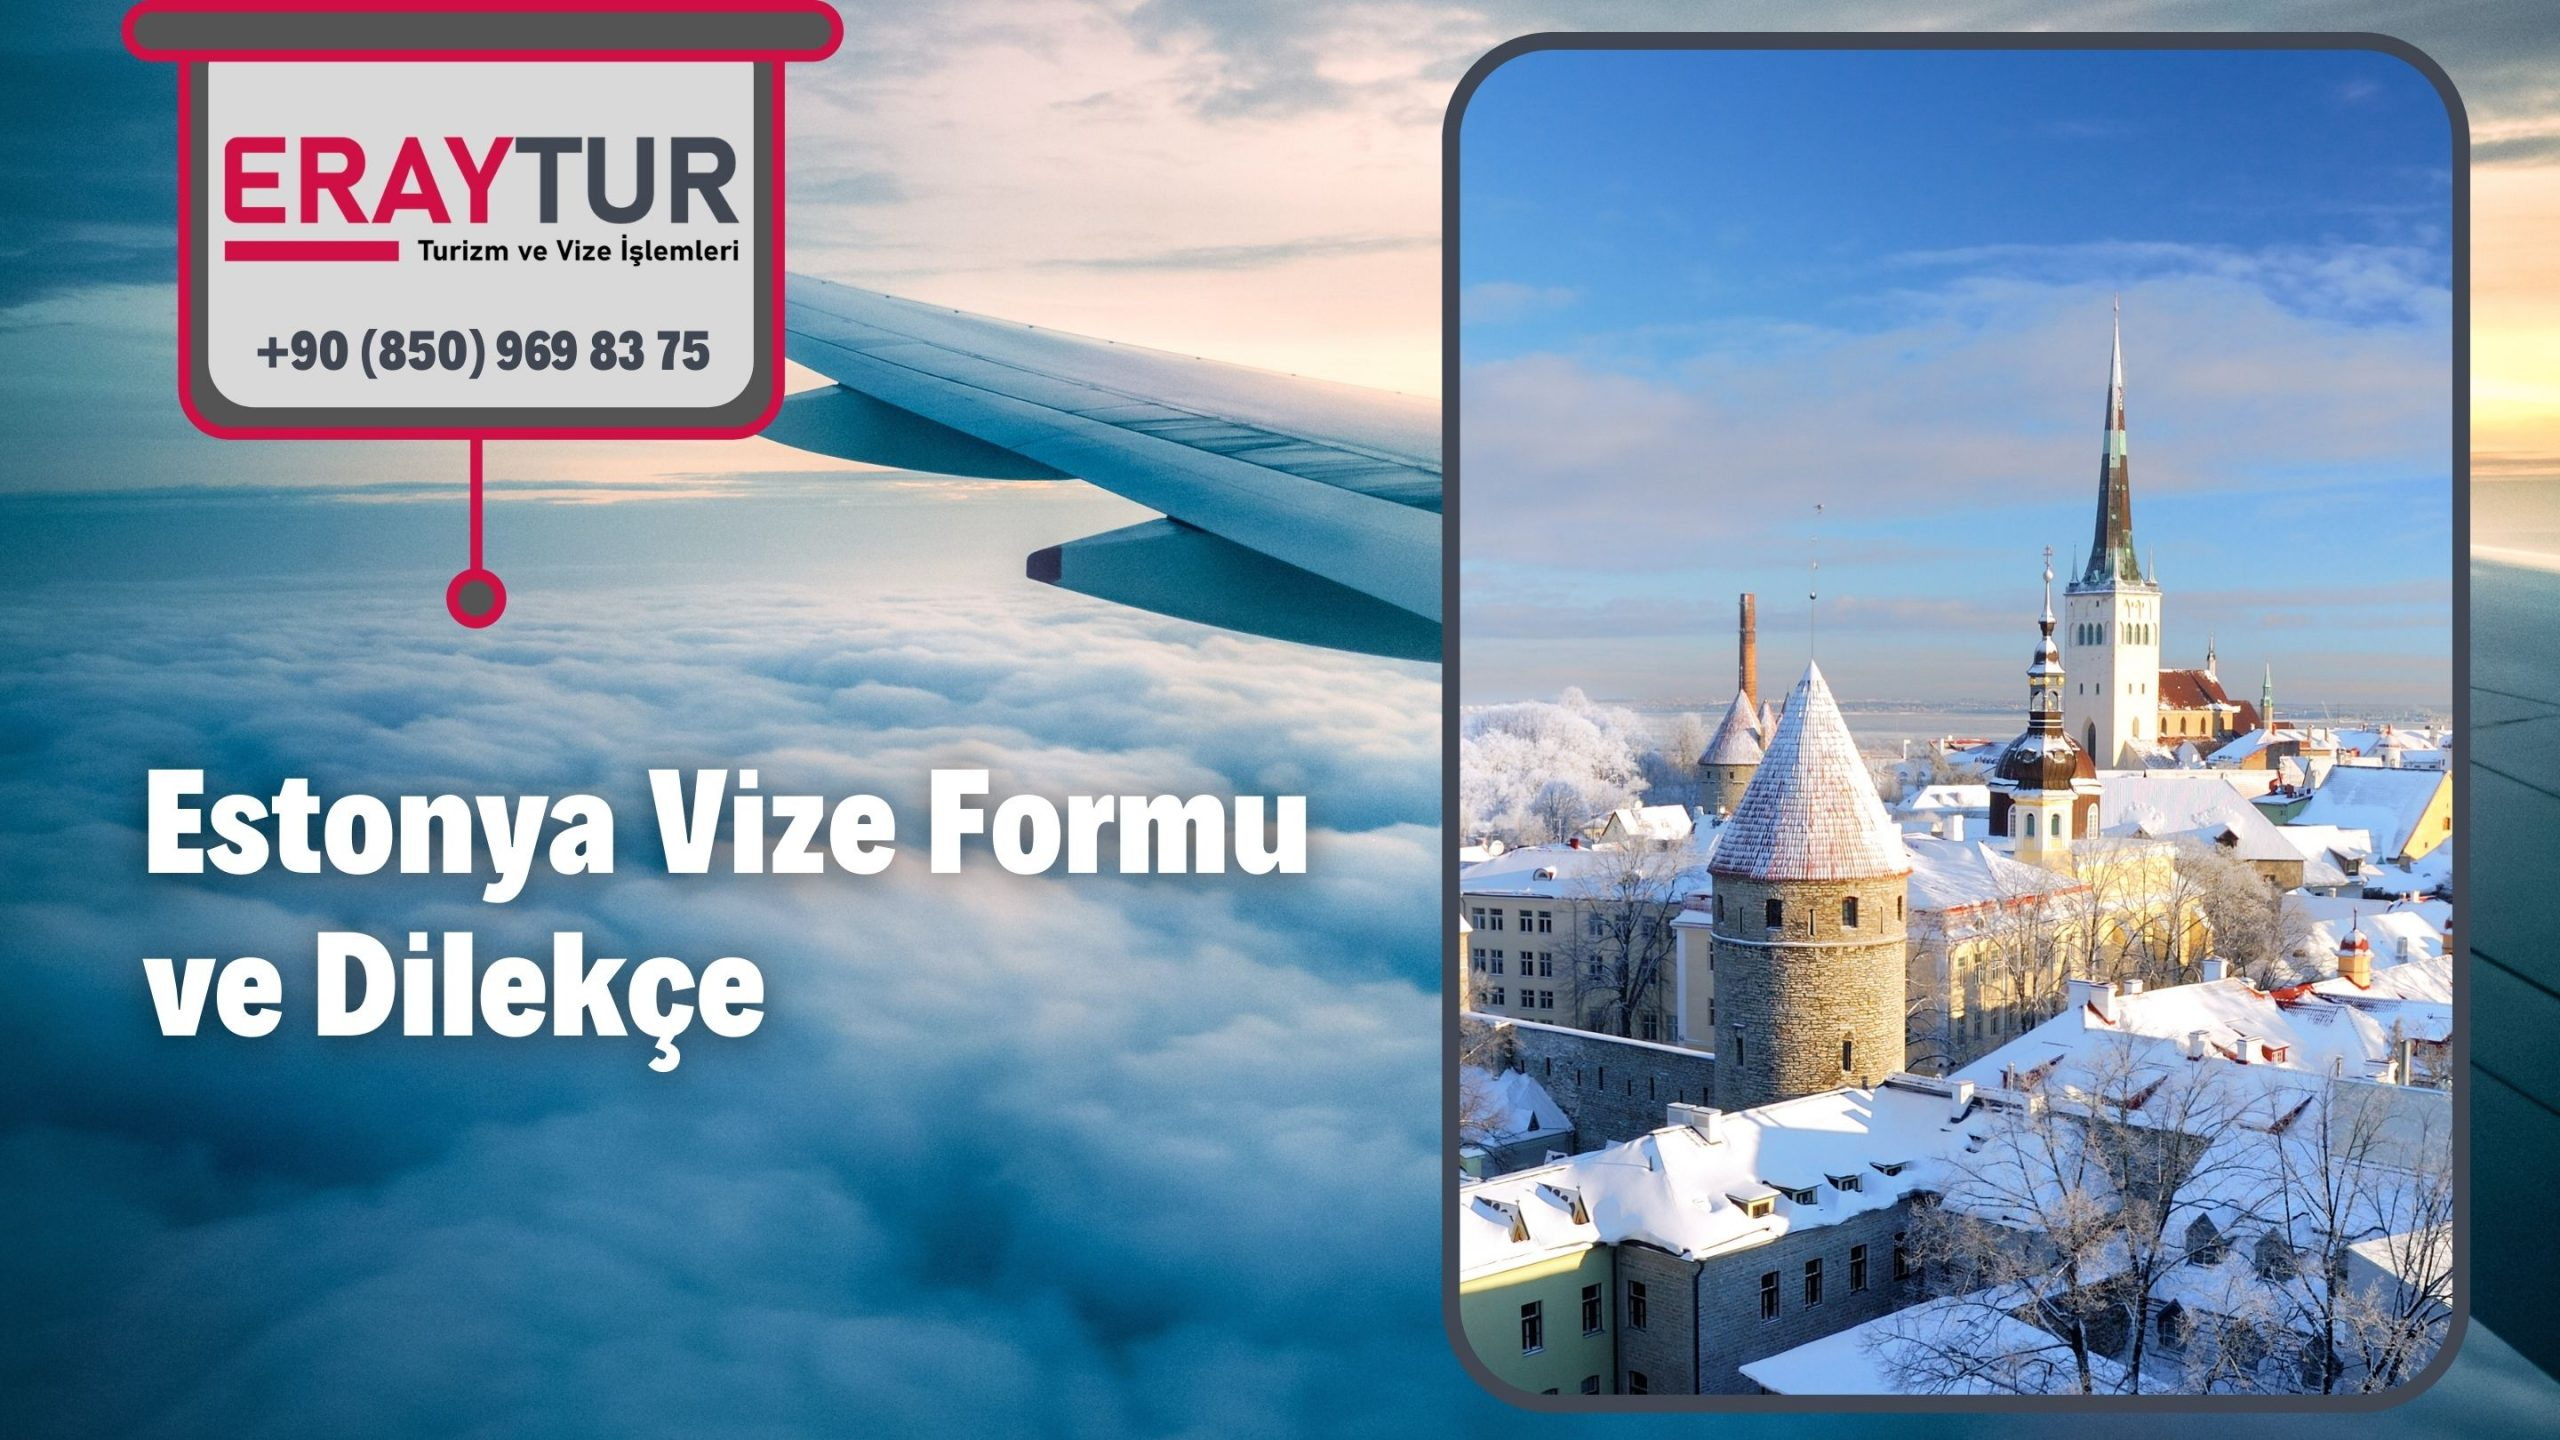 Estonya Vize Formu ve Dilekçe